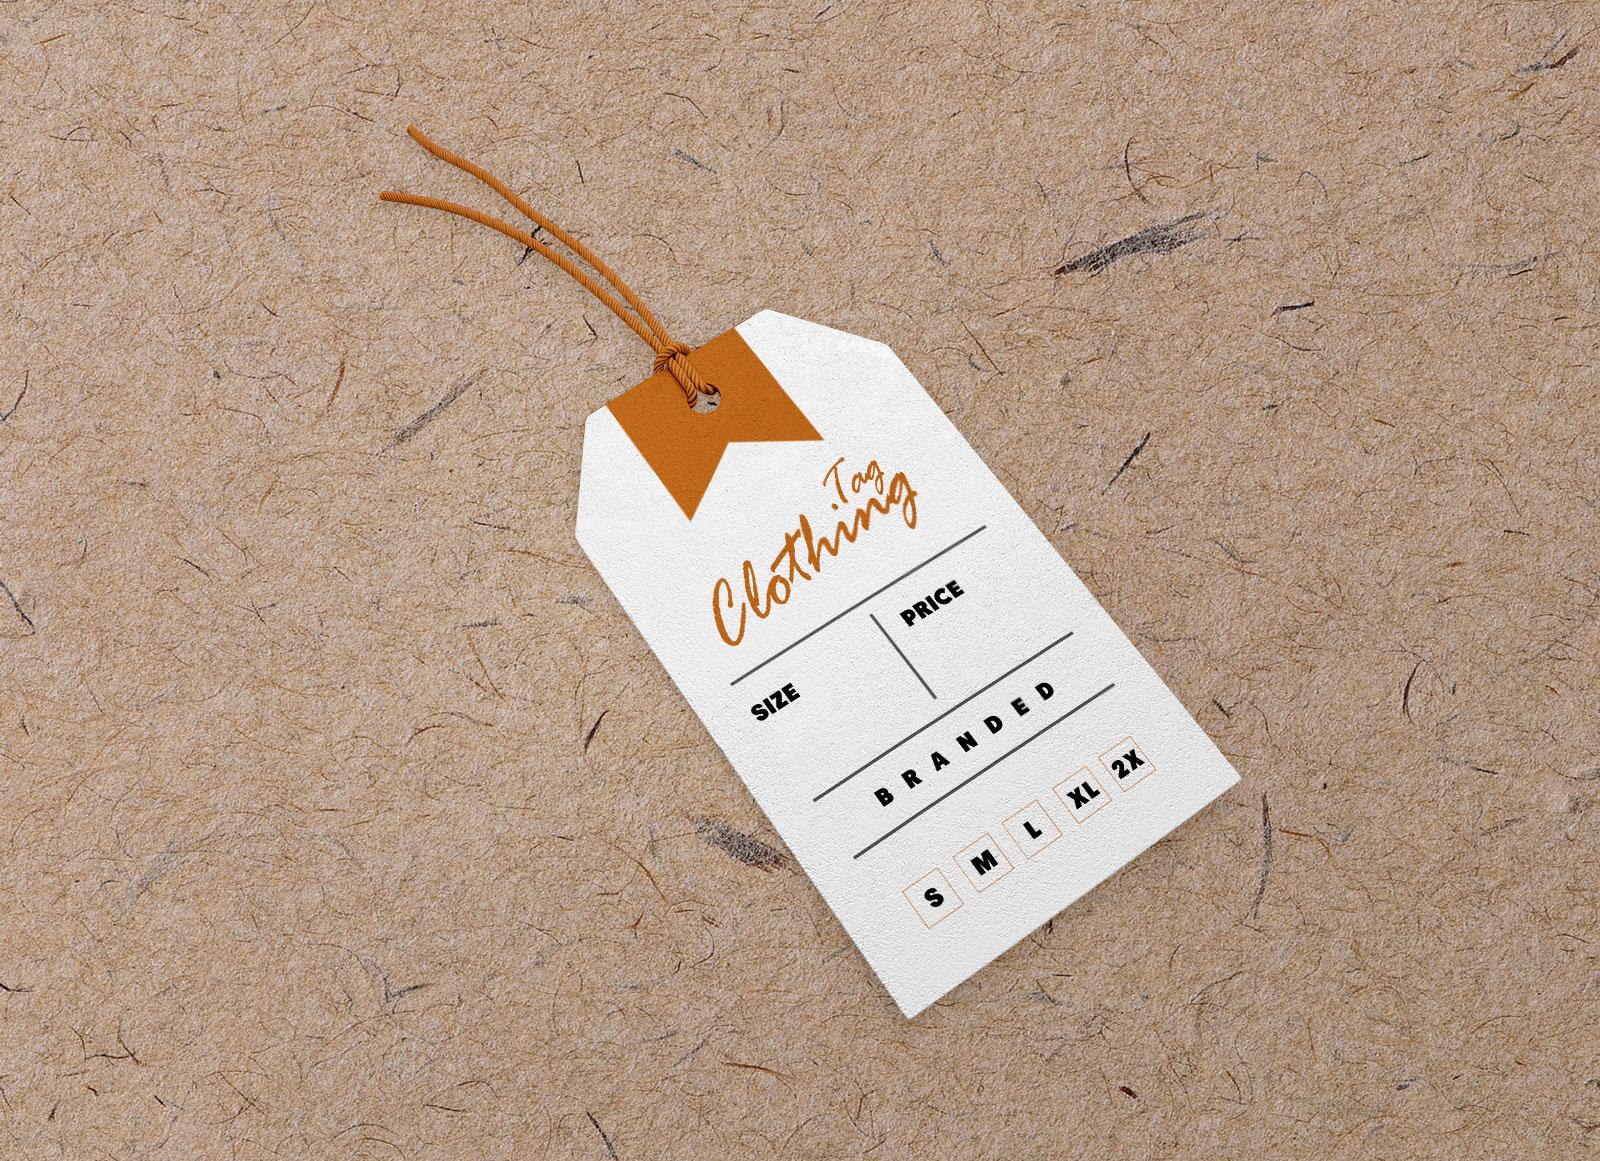 Free-Clothing-Hang-Tag-Mockup-PSD-Set-2